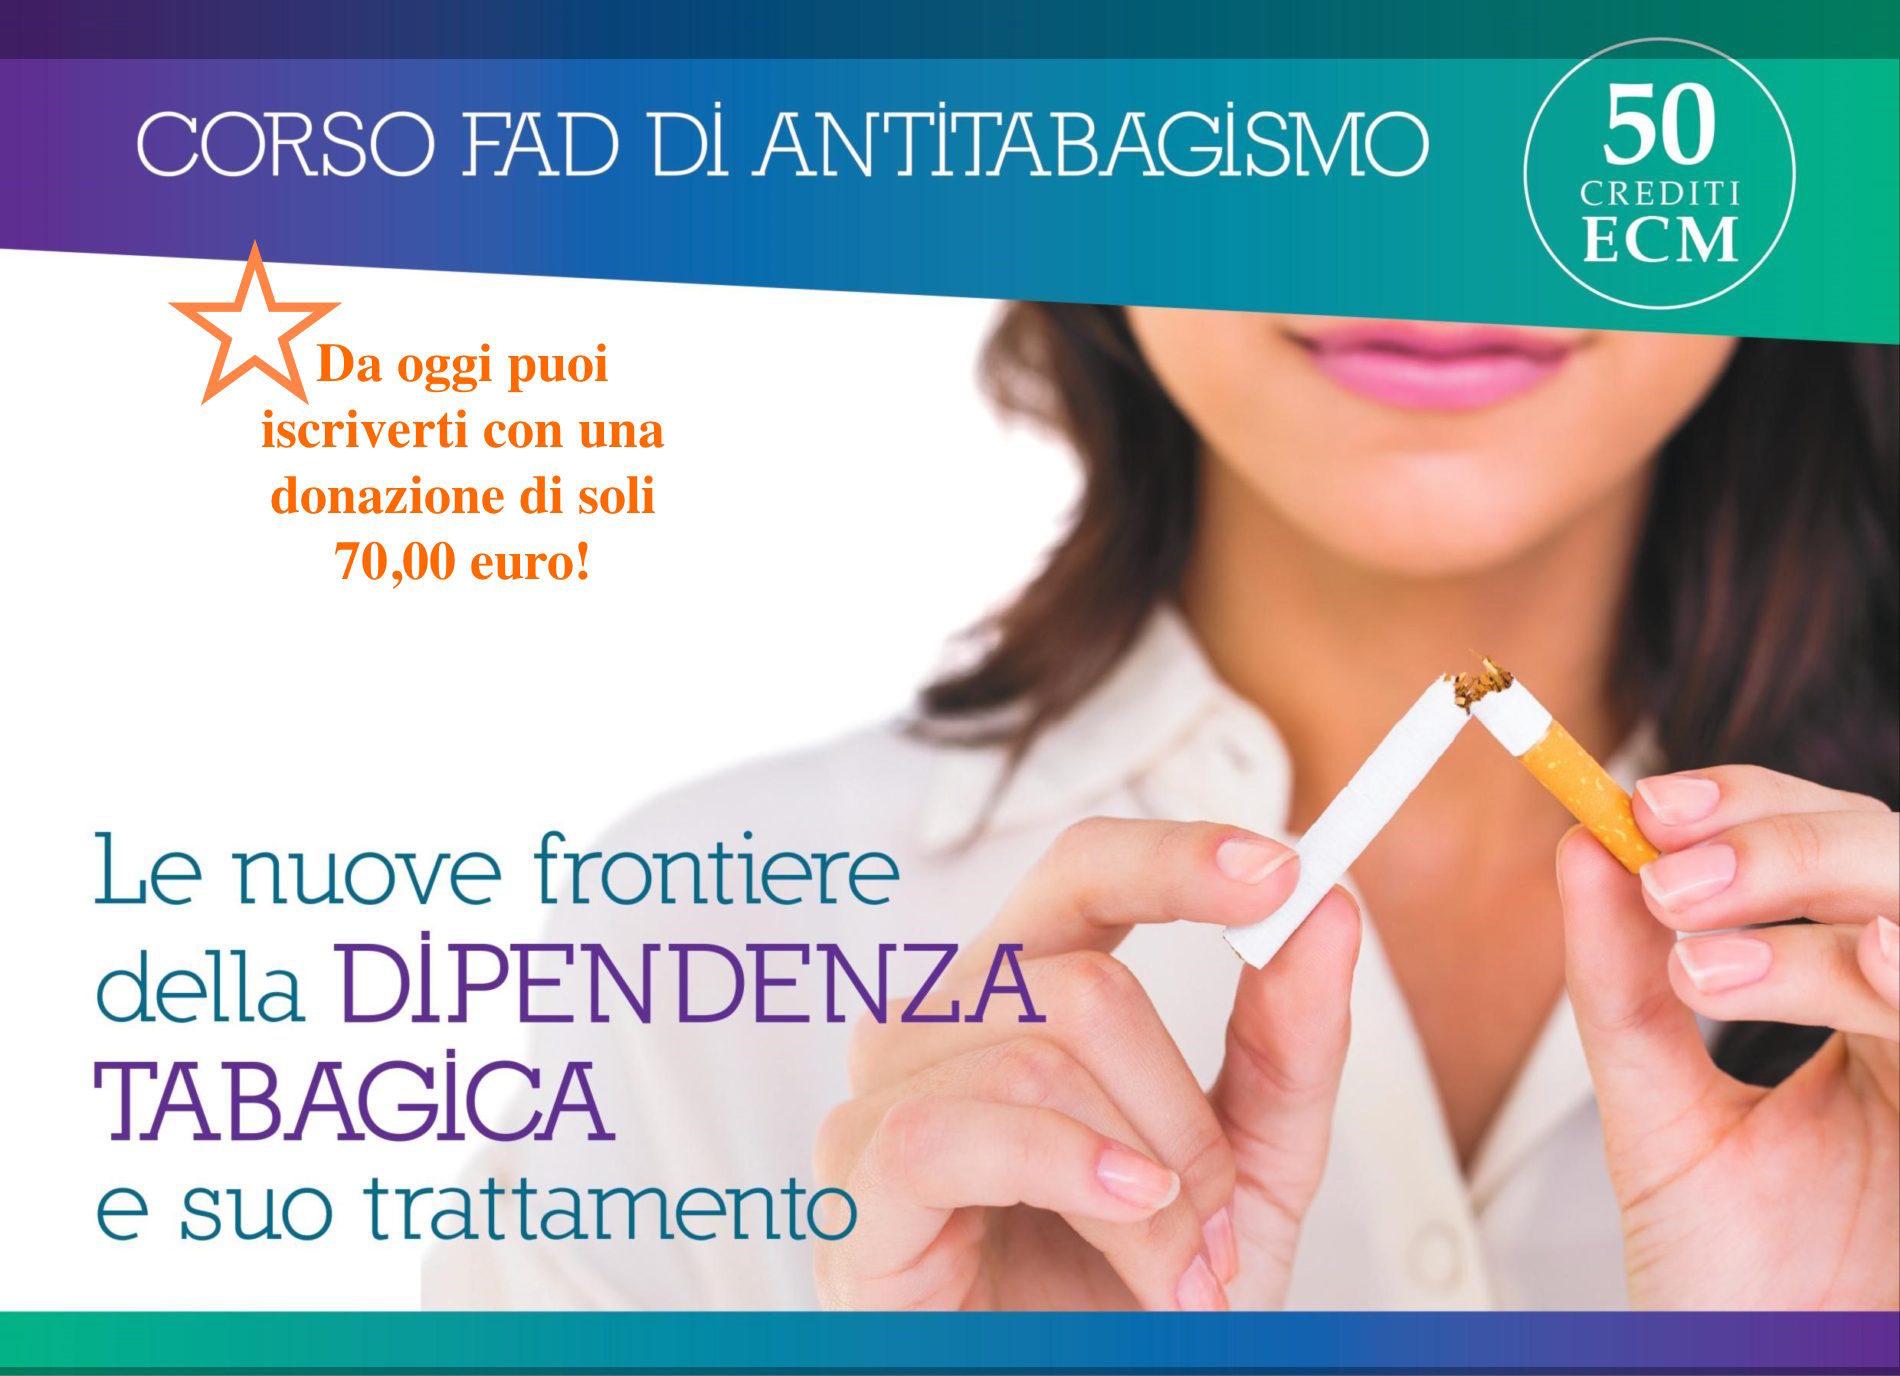 Ecco il primo corso FAD antitabagismo di LIAF. Per gli operatori sanitari vale 50 crediti ECM